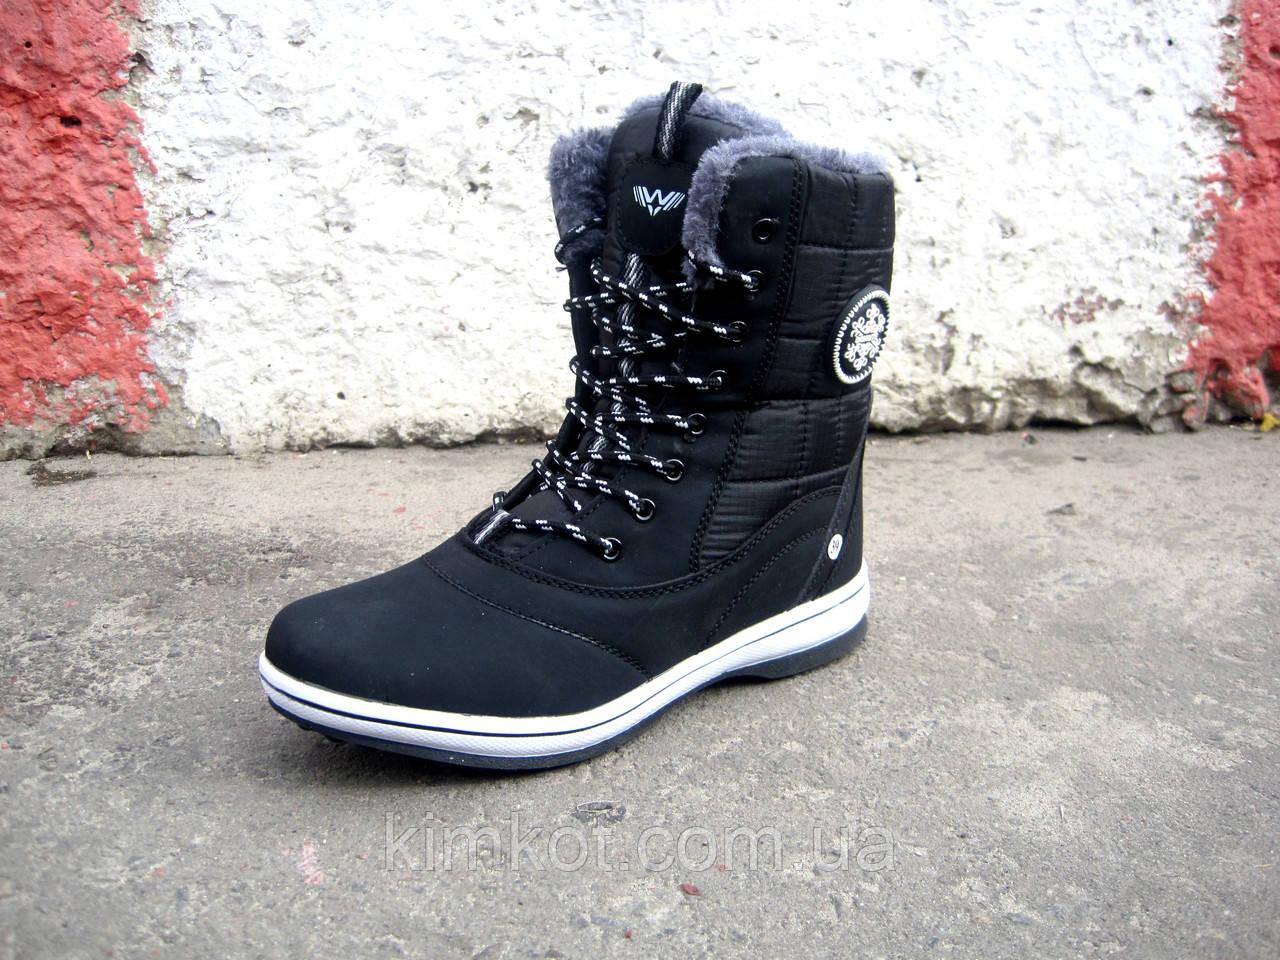 eb0284d7 Женские спортивные зимние высокие ботинки 36 -41 р-р: продажа, цена ...